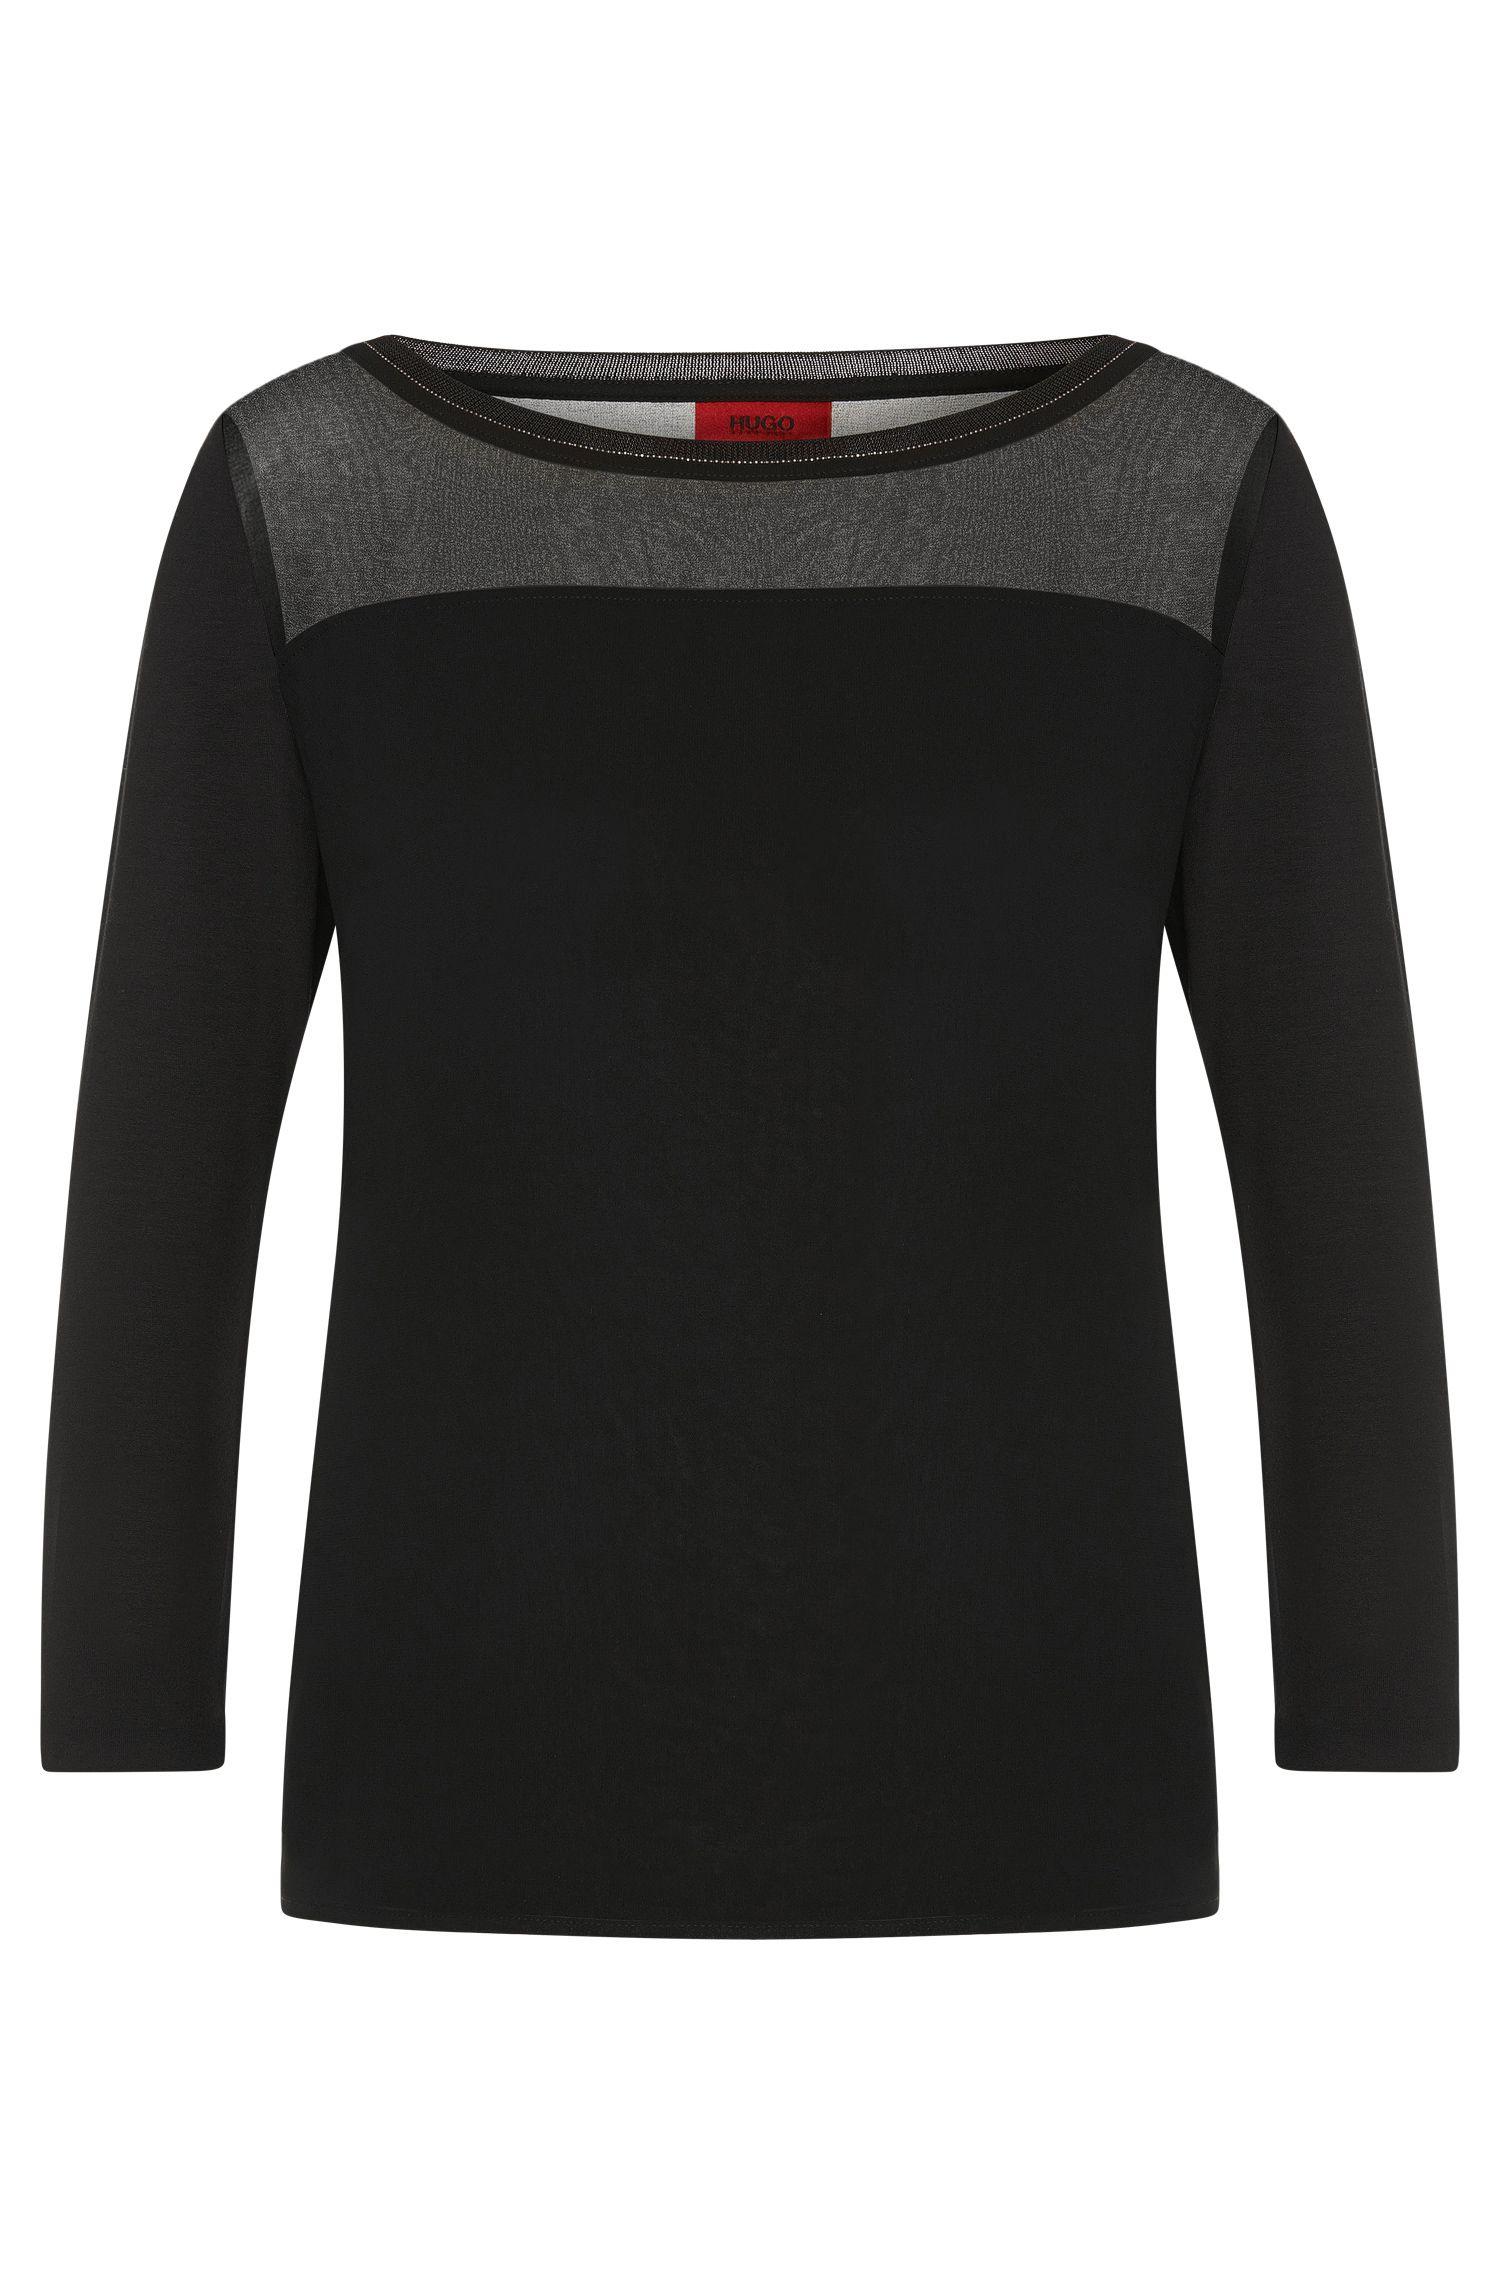 Shirt in stretch viscose with fine beaded trim: 'Difesta'